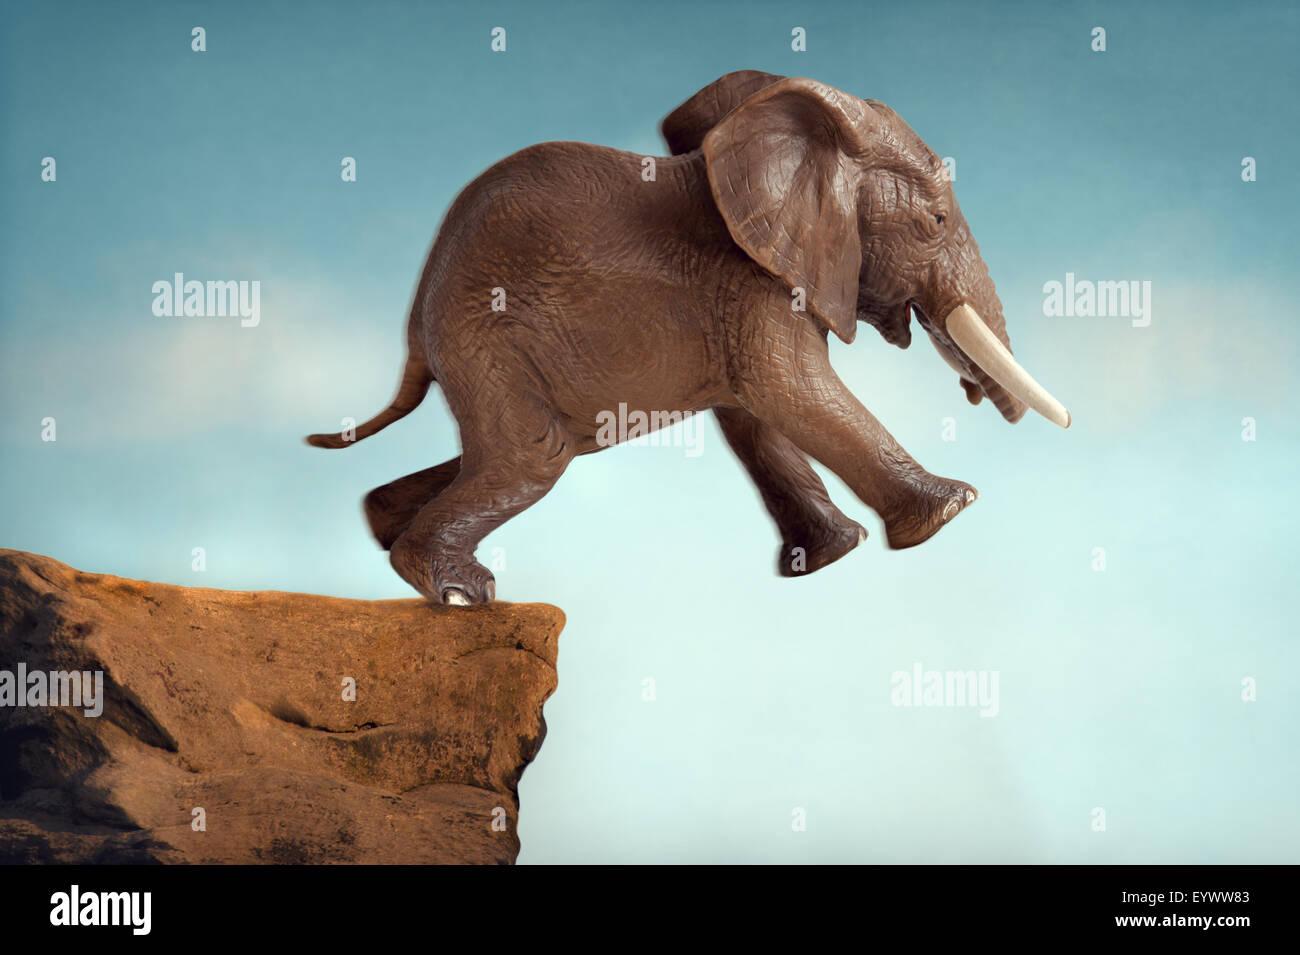 Salto de fe concepto elefante saltar al vacío Imagen De Stock